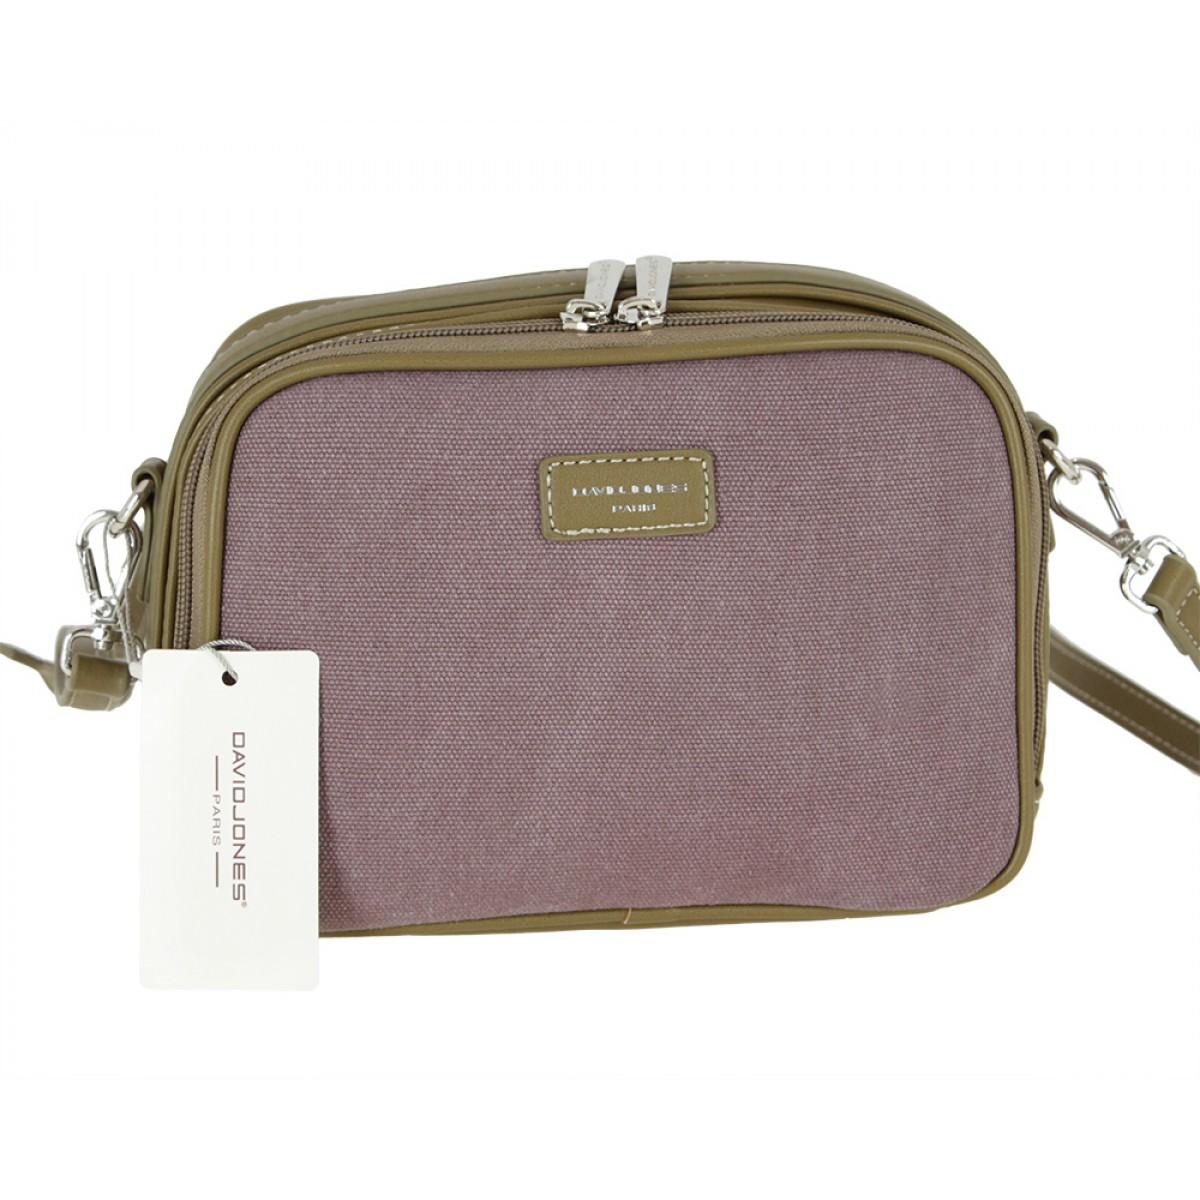 Жіноча сумка David Jones 5758-2 PURPLE / KHAKI